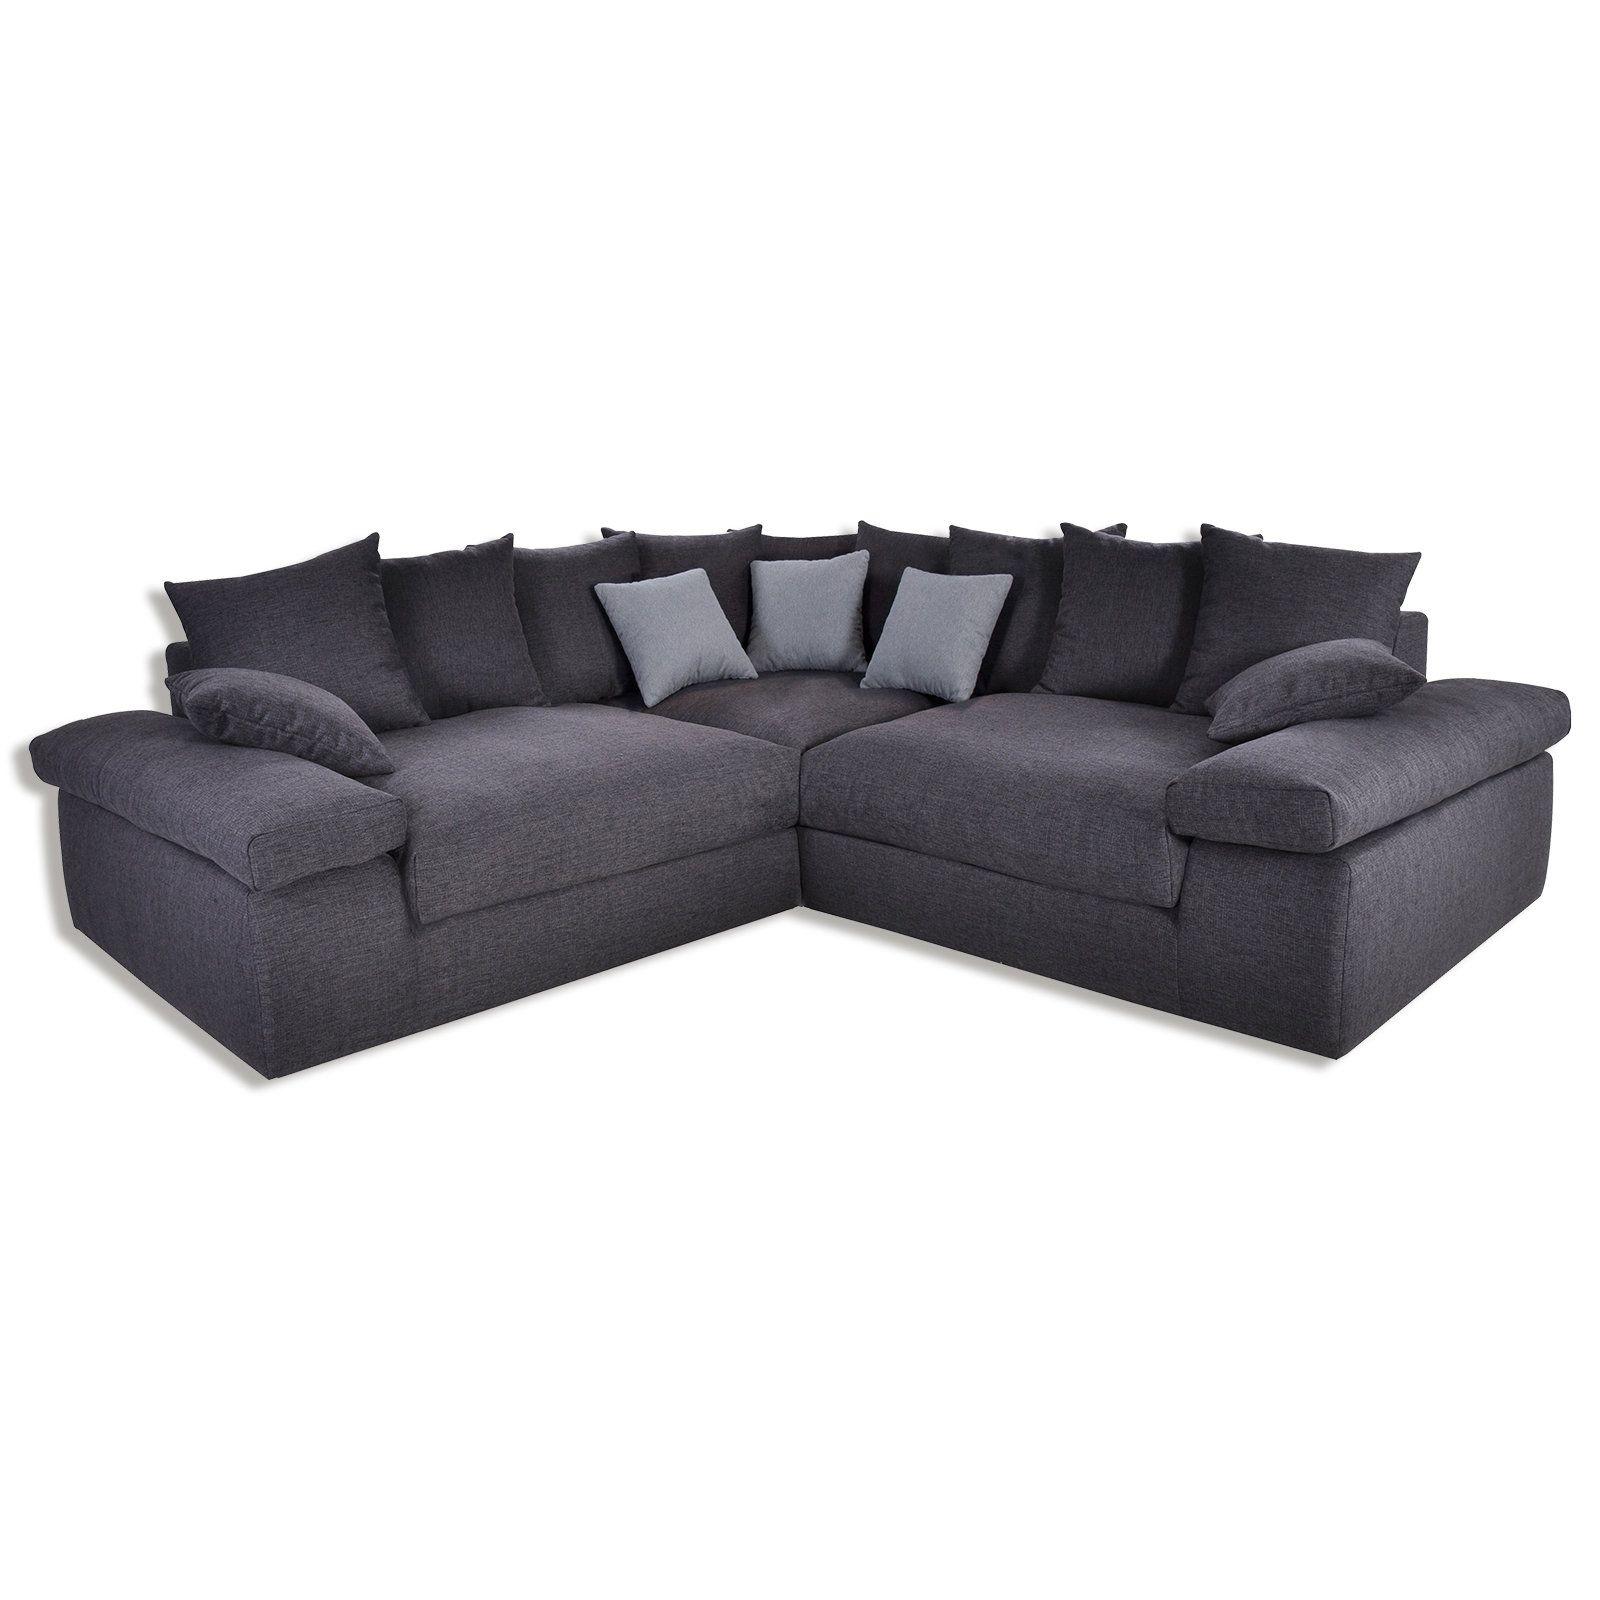 Full Size of Sofa Sitzhöhe 55 Cm Sitzhhe Sofas 50 Luxus Landhaus Schlafsofa Liegefläche 160x200 Chippendale Erpo Bezug Schilling Kissen 3 Sitzer Mit Relaxfunktion Schlaf Sofa Sofa Sitzhöhe 55 Cm